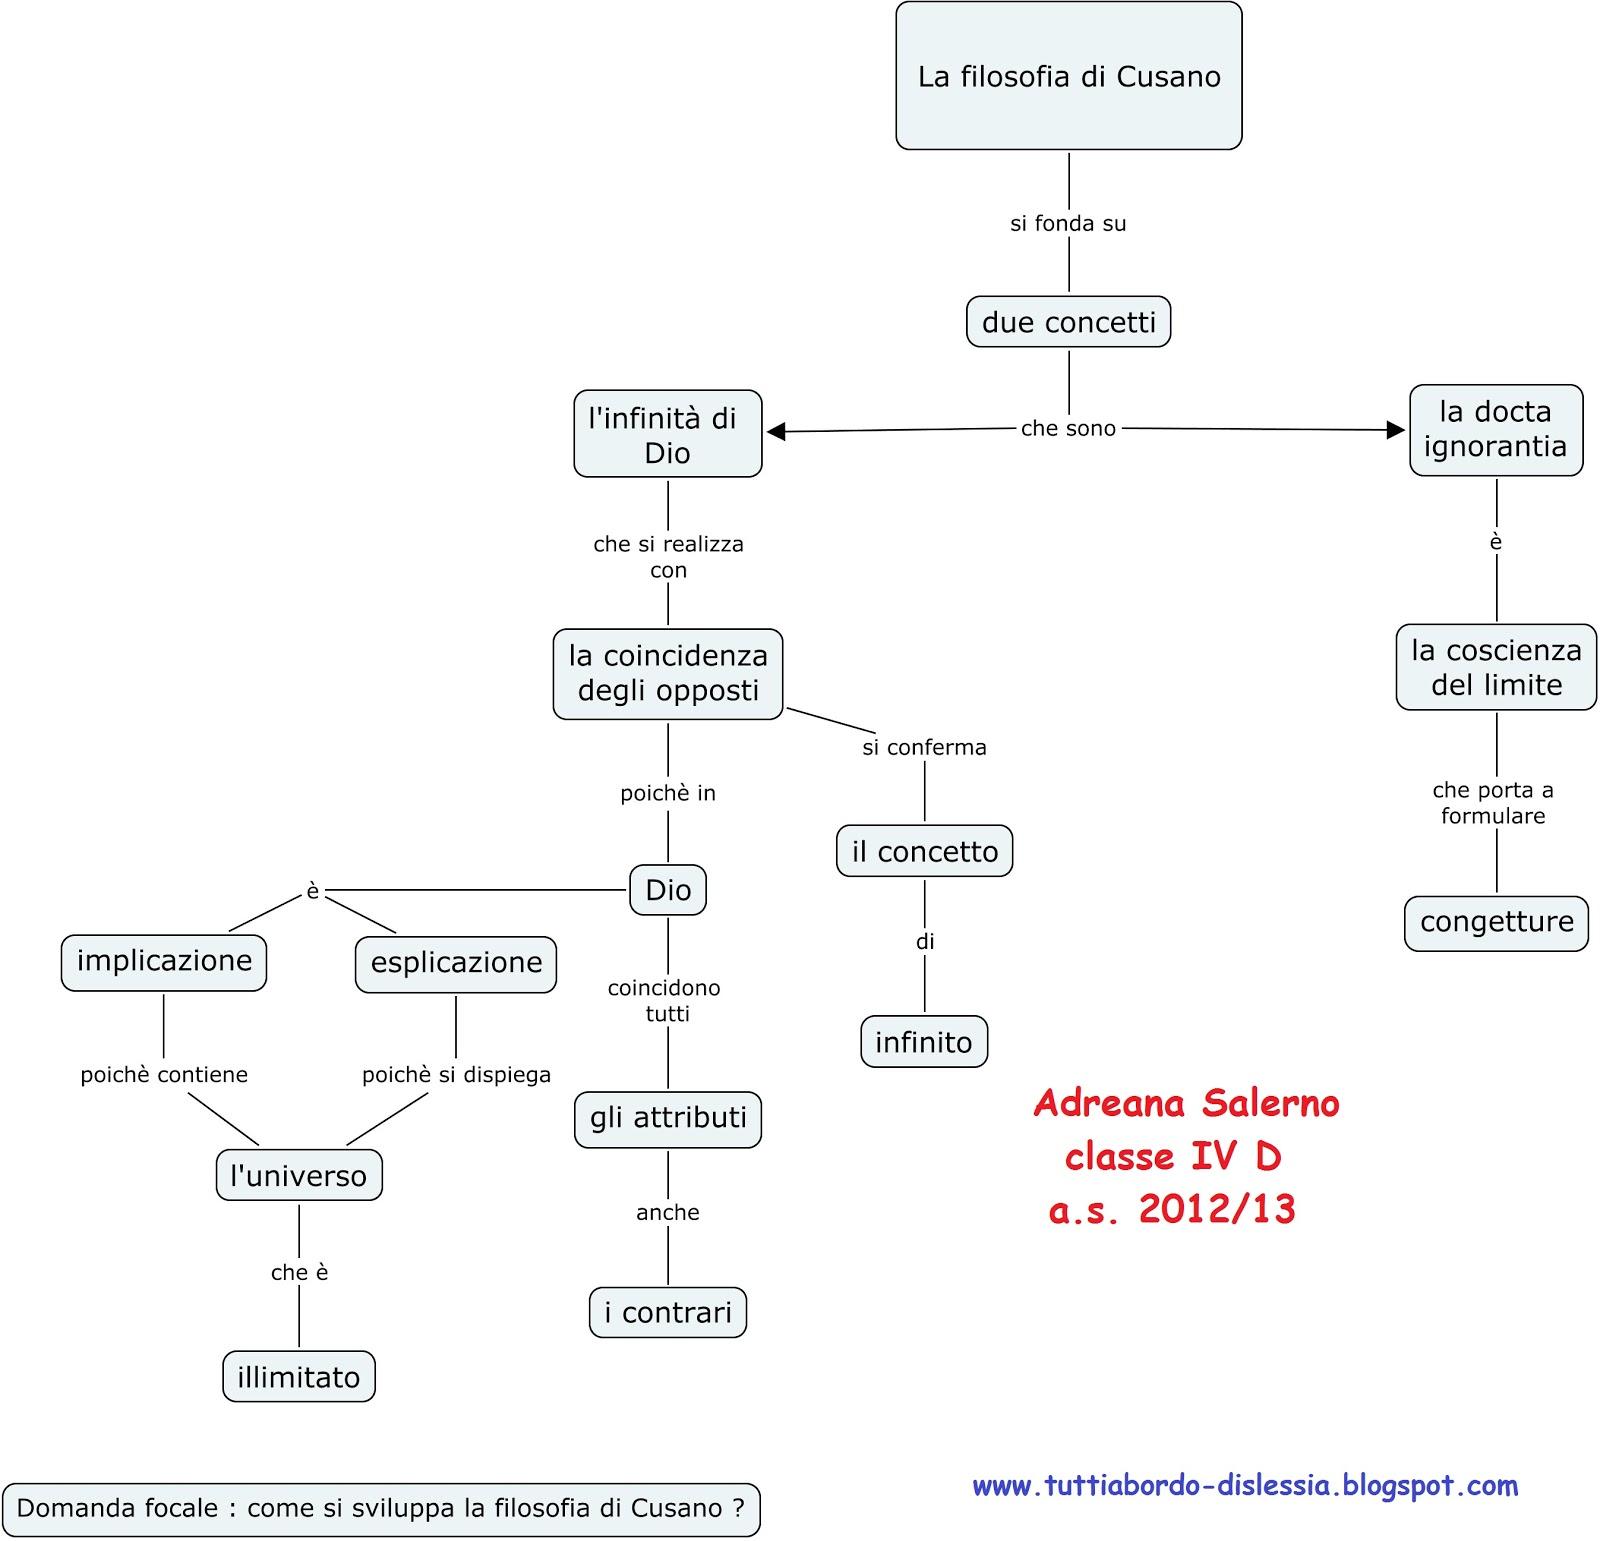 Amato Tutti a bordo - dislessia: Filosofia- mappa concettuale: N.Cusano WI17